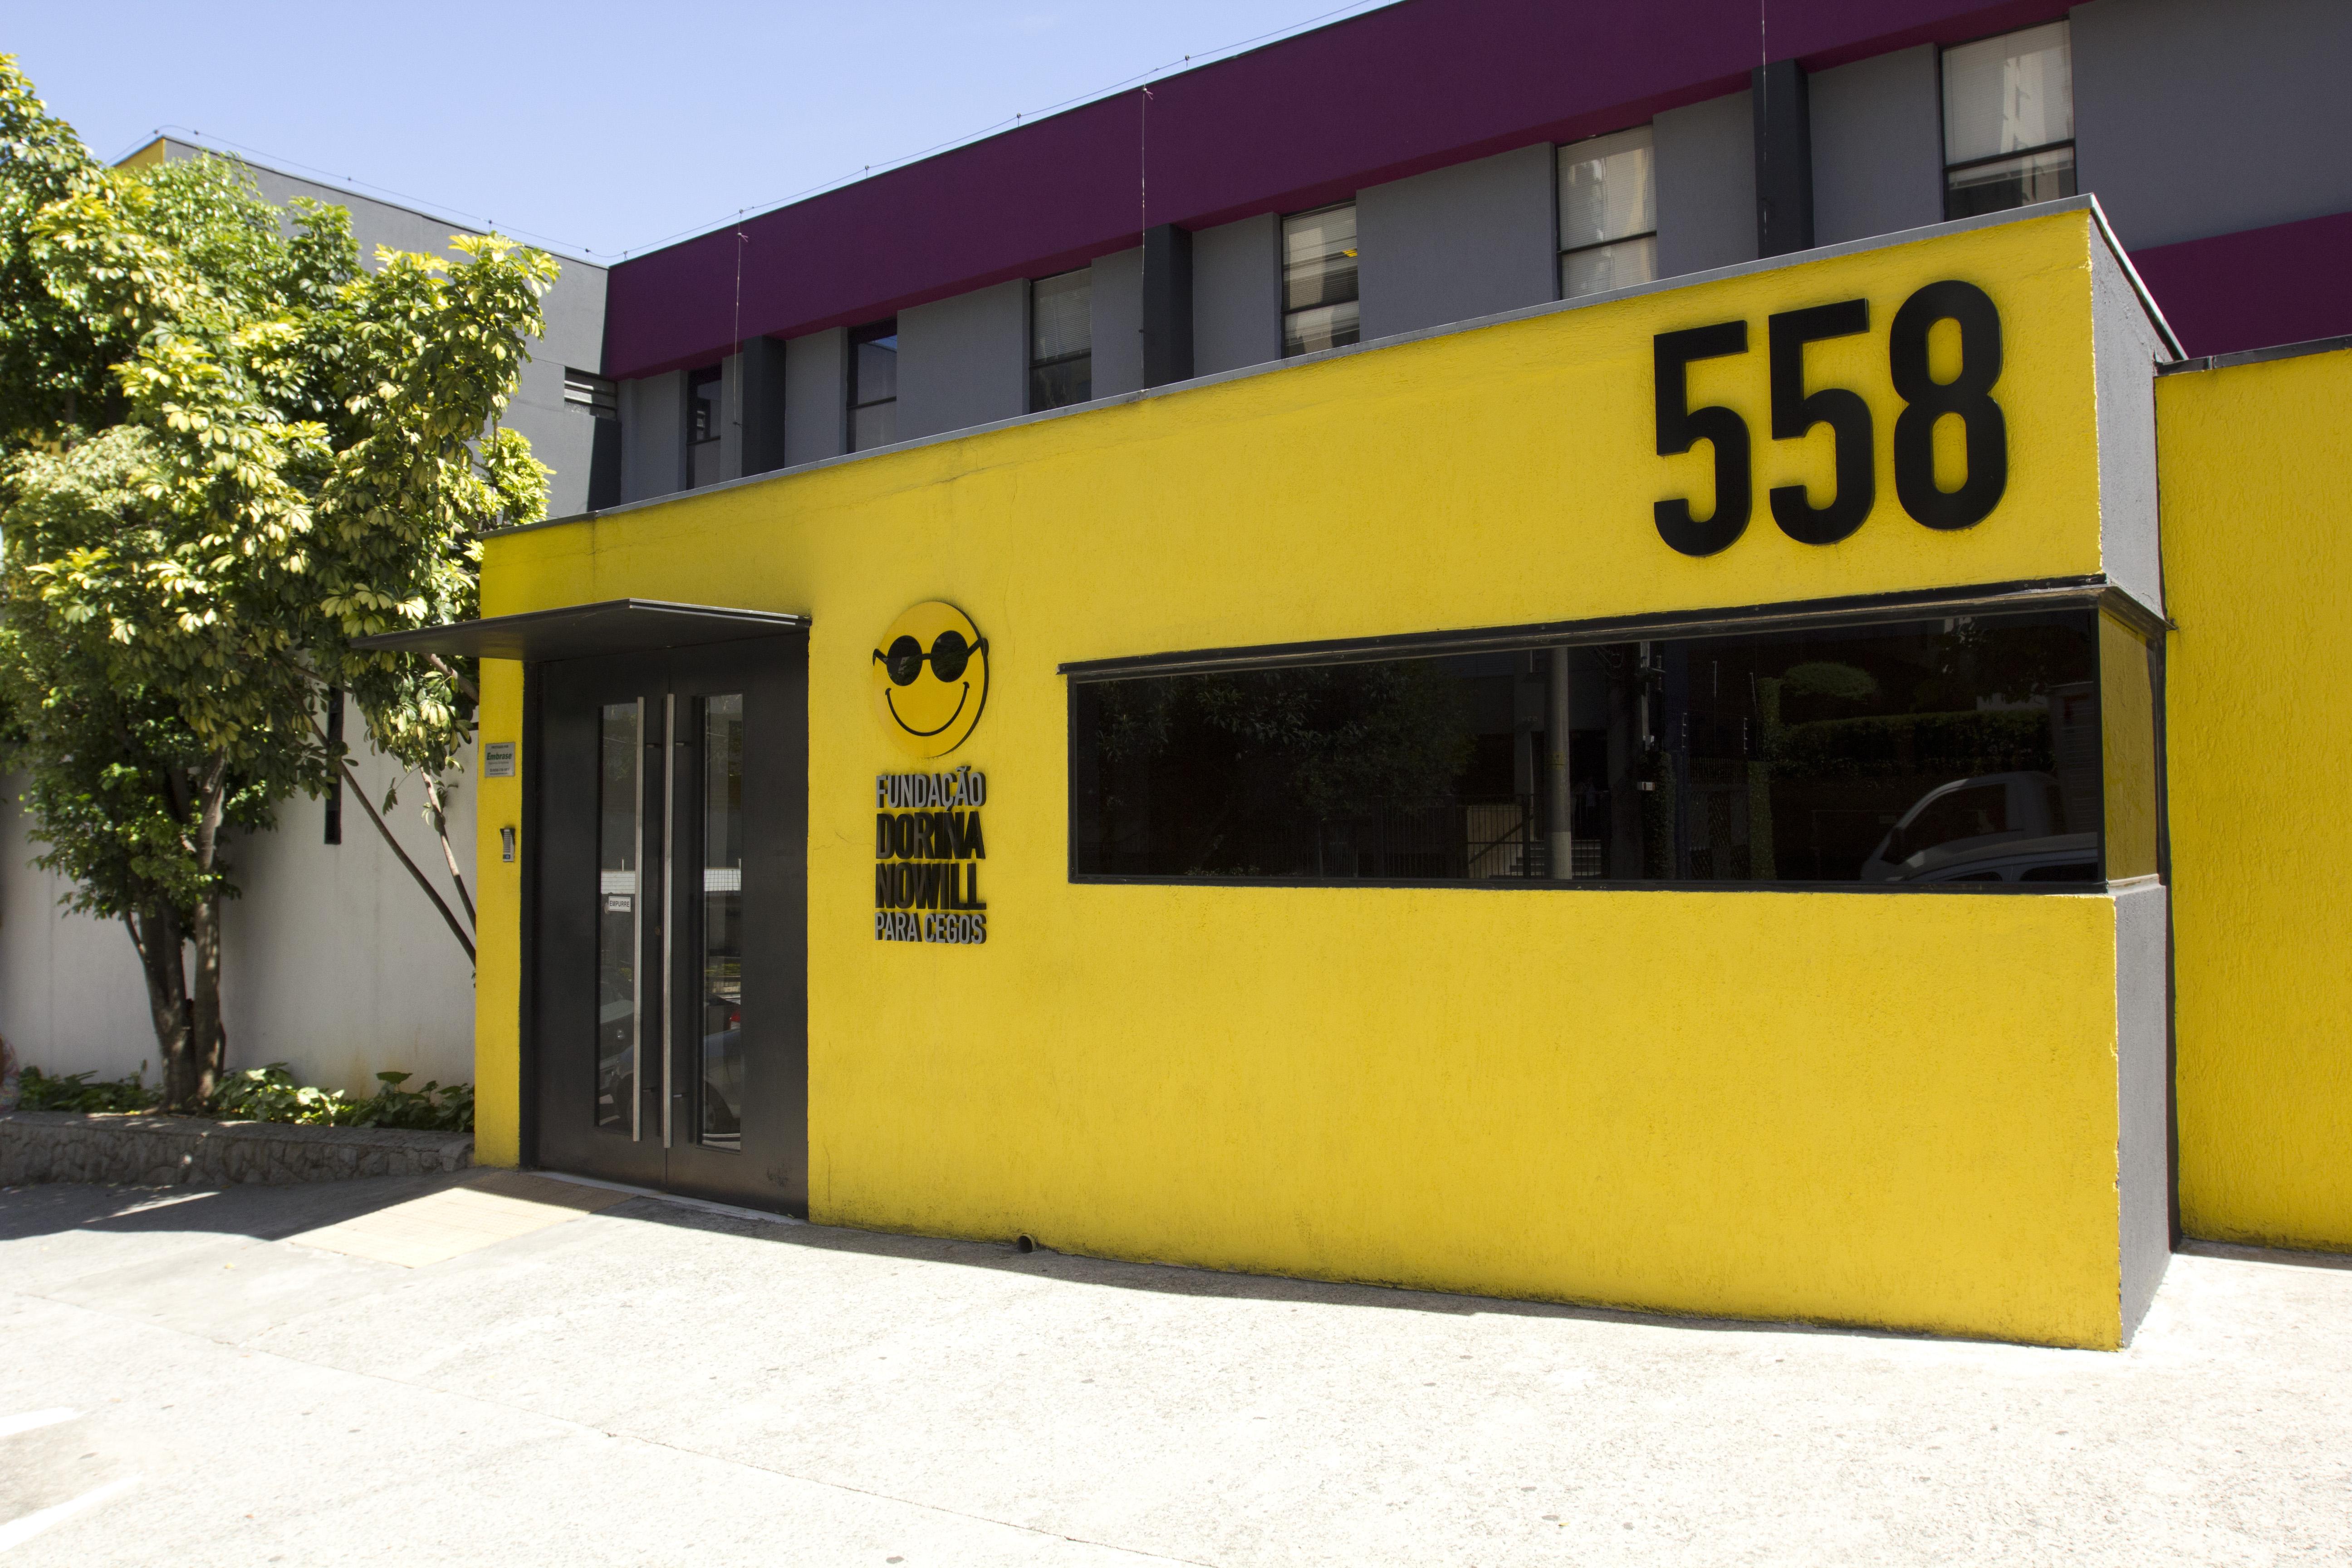 """Foto da fachada da Fundação Dorina. Ela é amarela, possui o logo da Fundação e o número """"558"""" preto."""